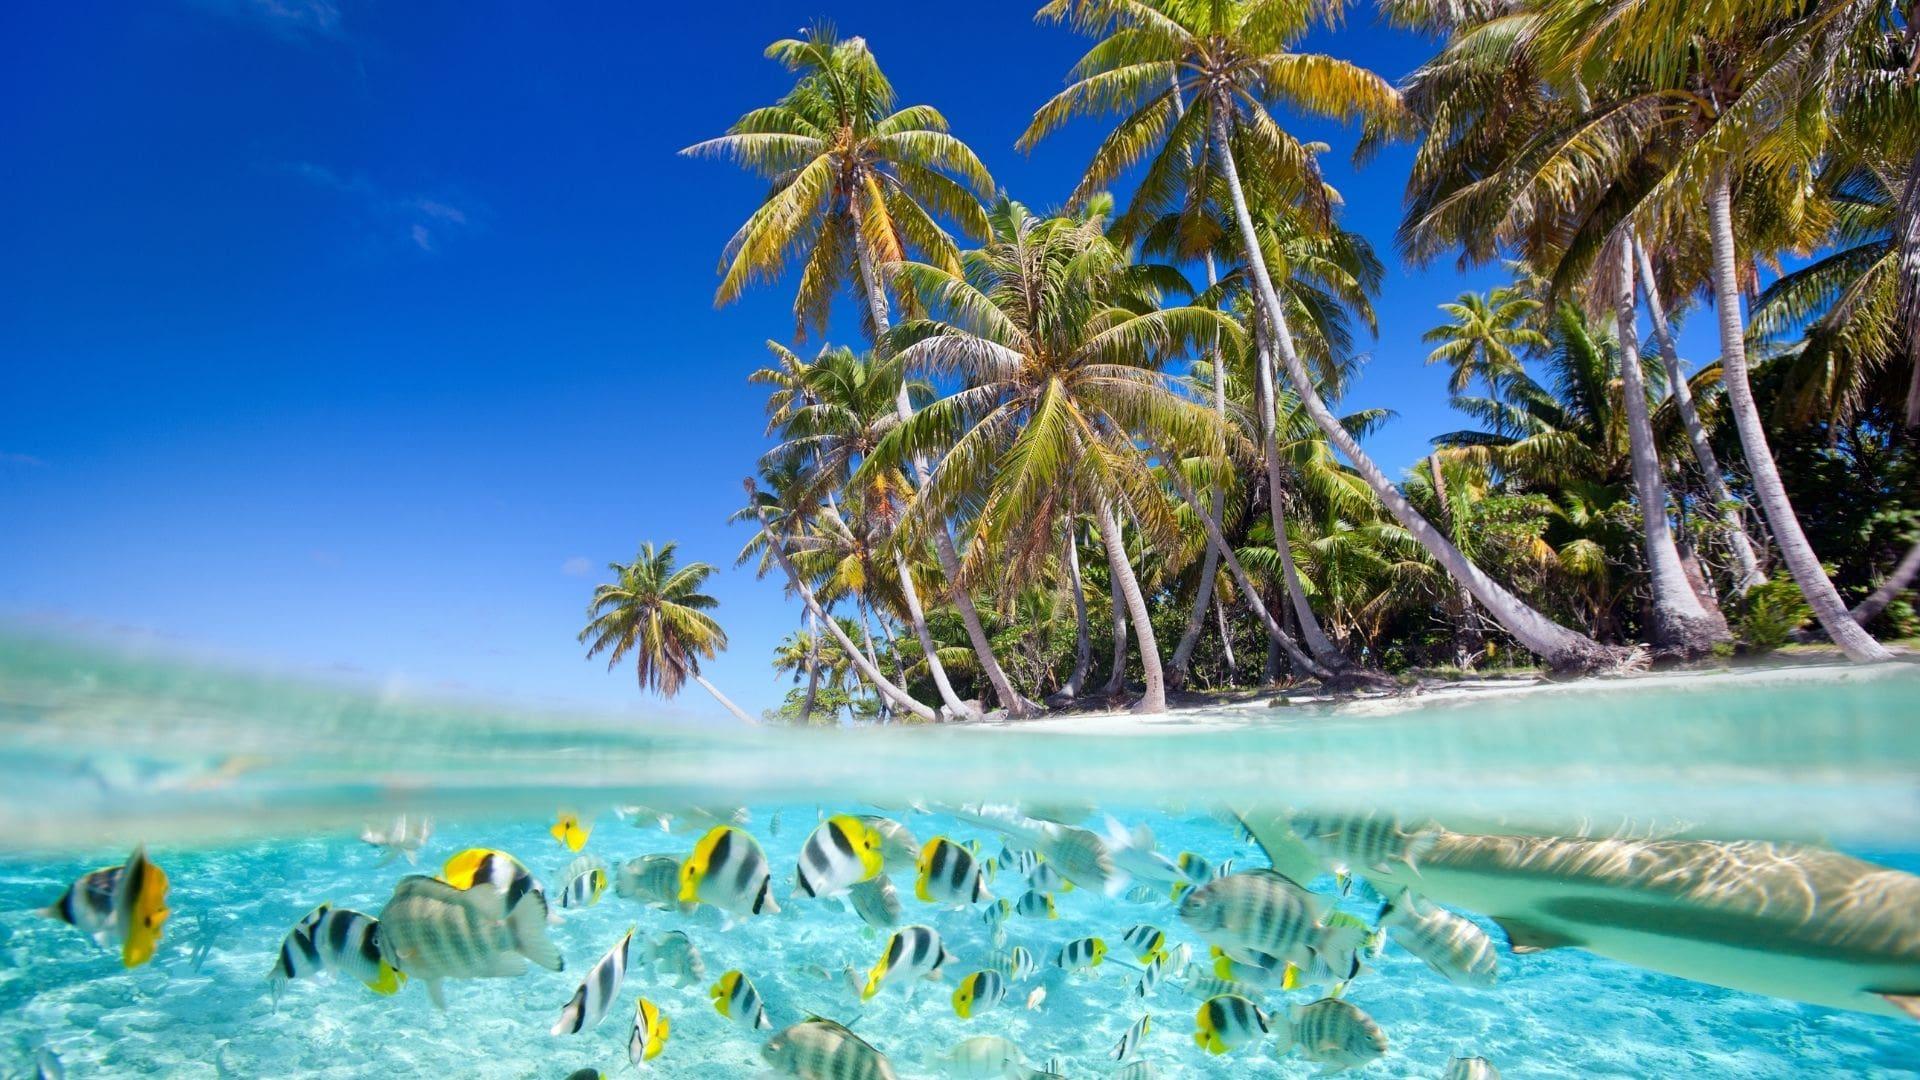 Malediven Strand mit Fischen & Palmen